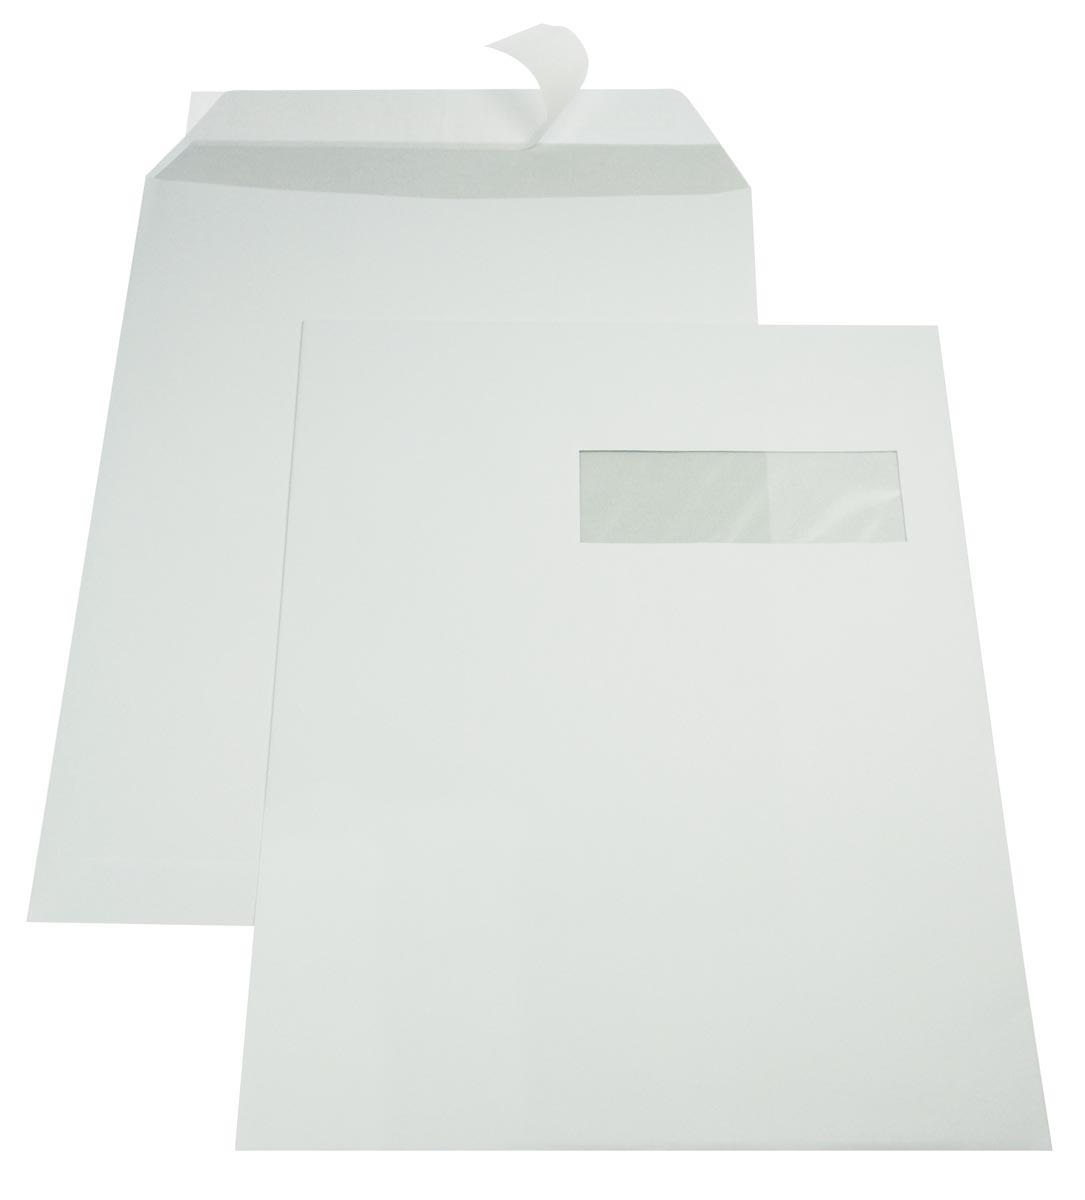 Gallery enveloppen ft 229 x 324 mm, venster rechts, stripsluiting, binnenzijde grijs, doos van 250 s